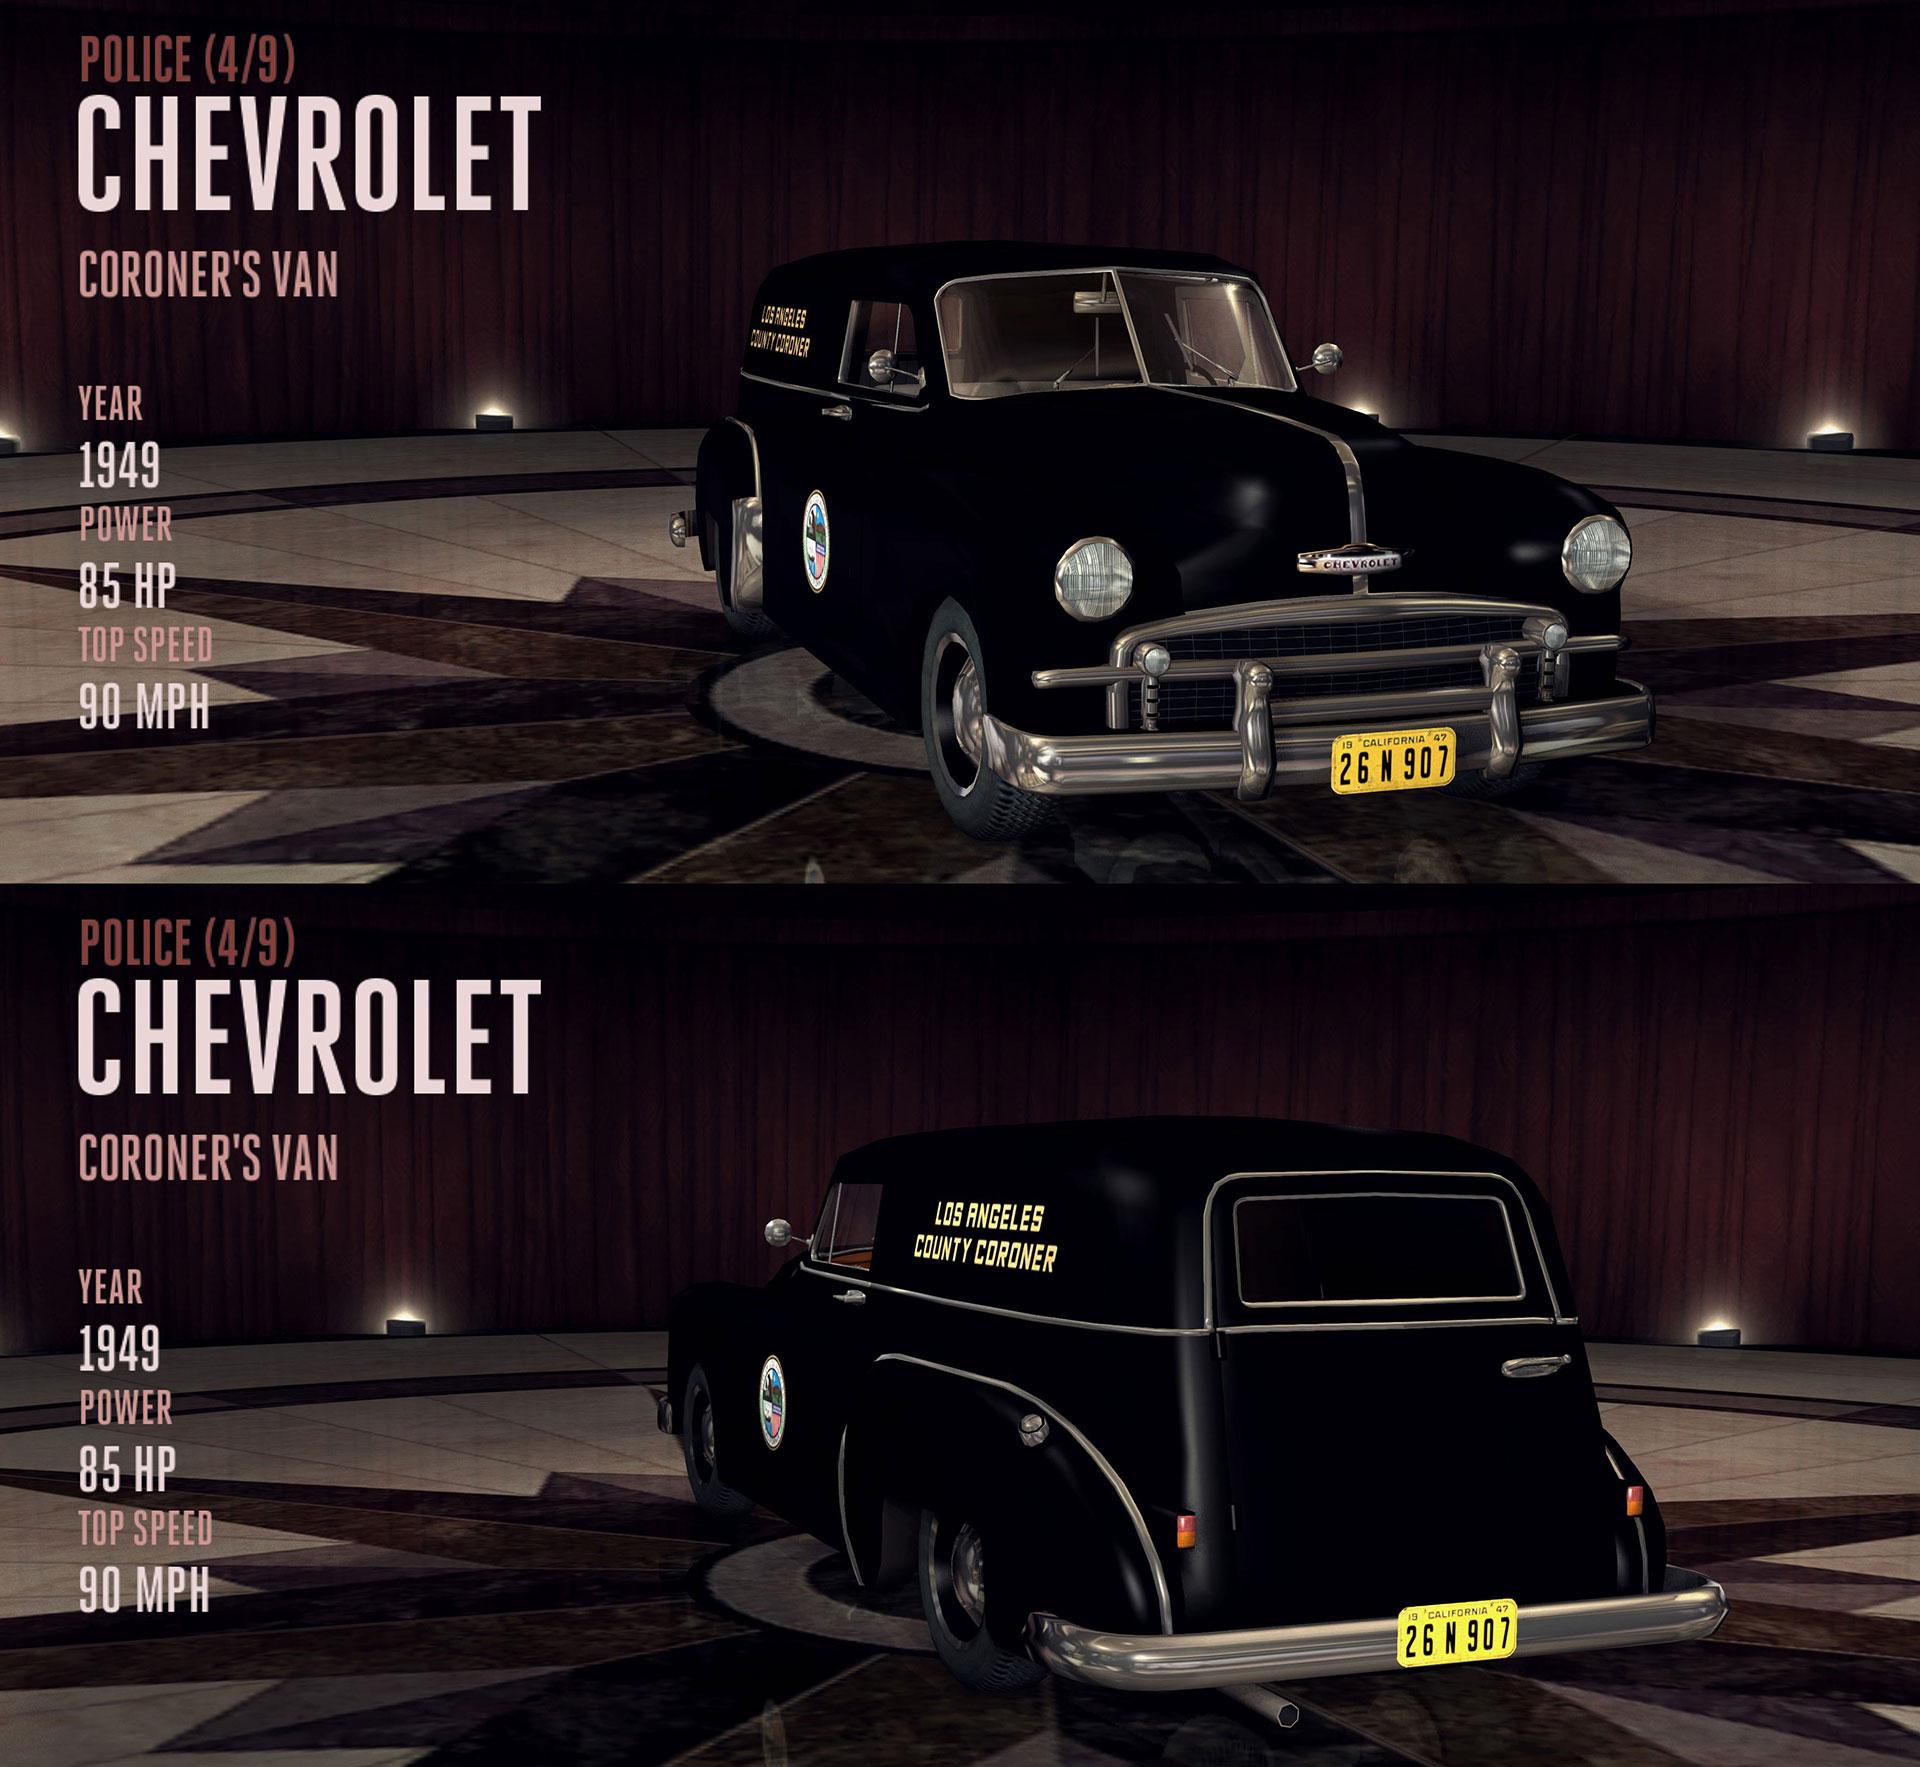 Archivo:1949-chevrolet-coroners-van.jpg